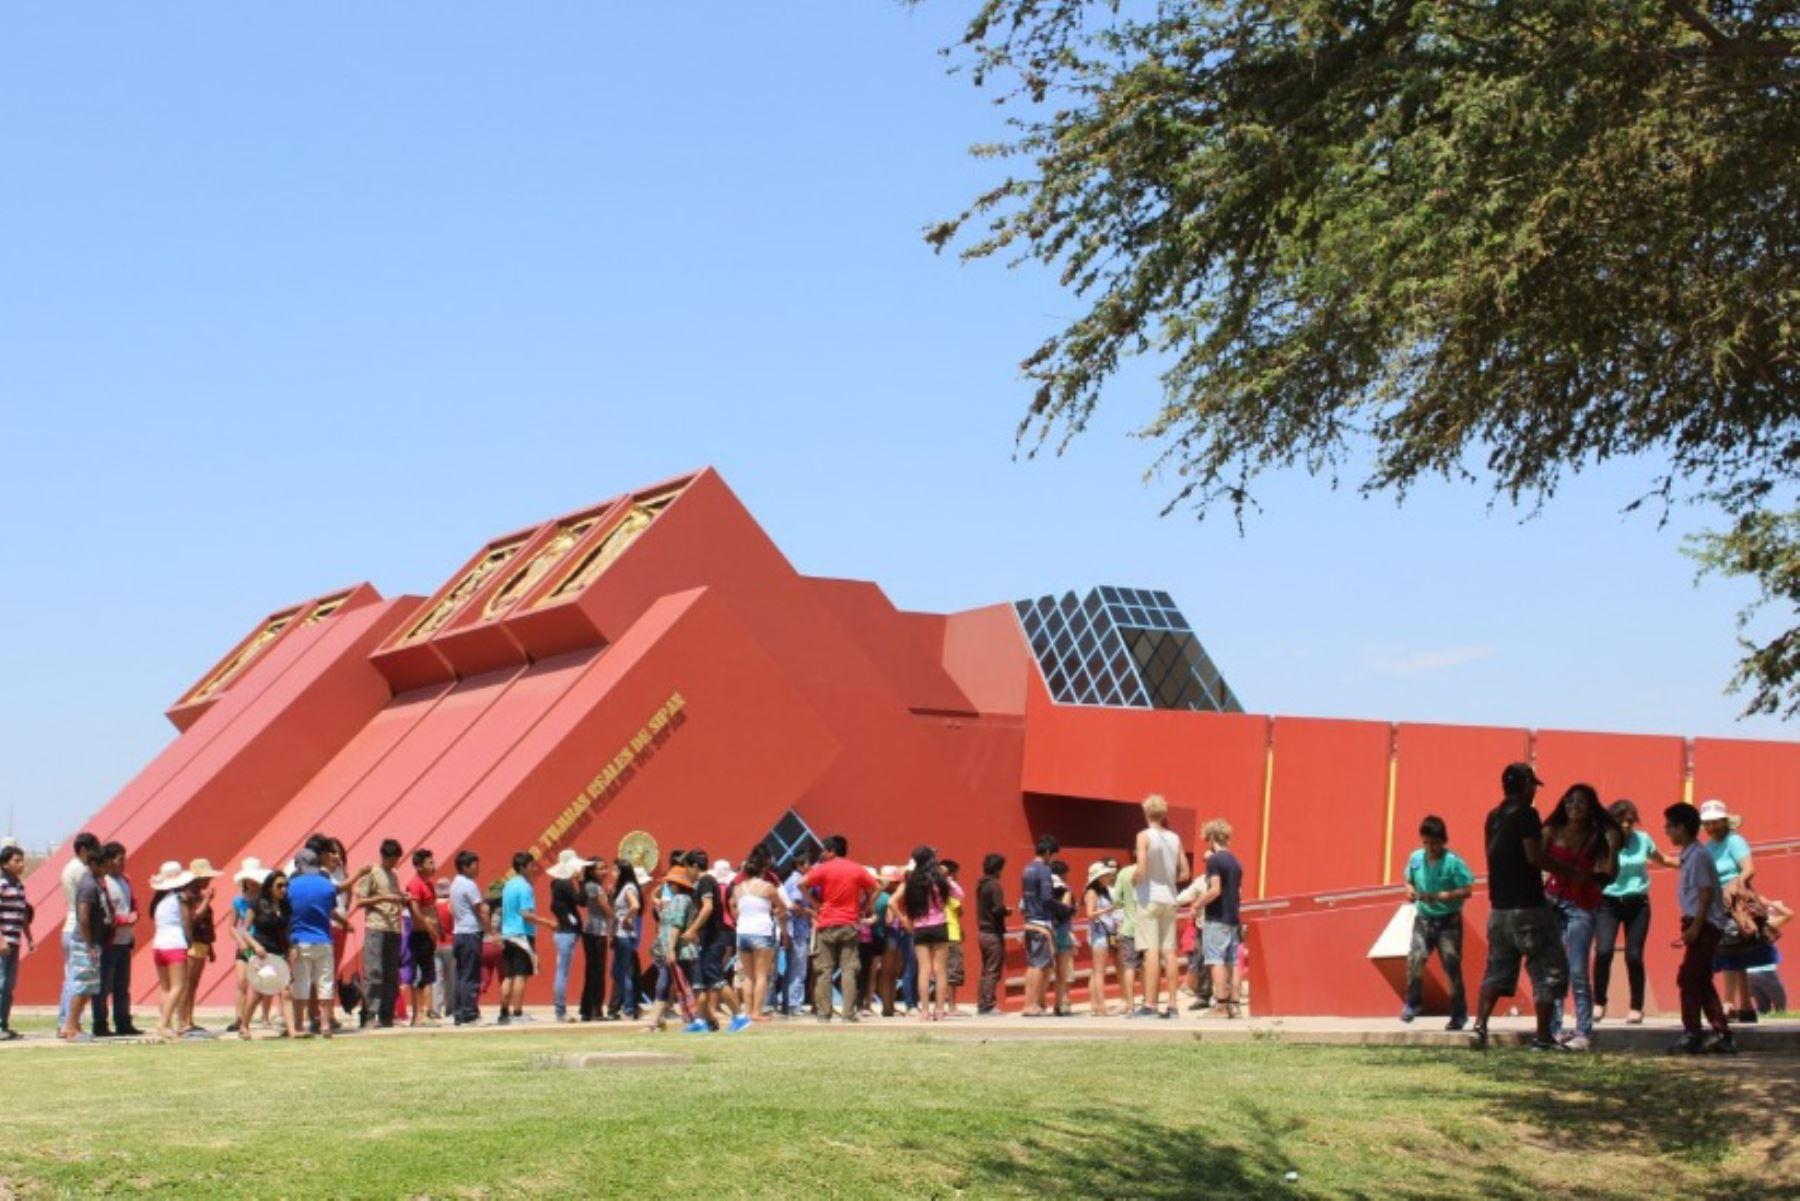 Museo Tumbas Reales de Sipán recibió casi 3 millones de visitantes desde su creación